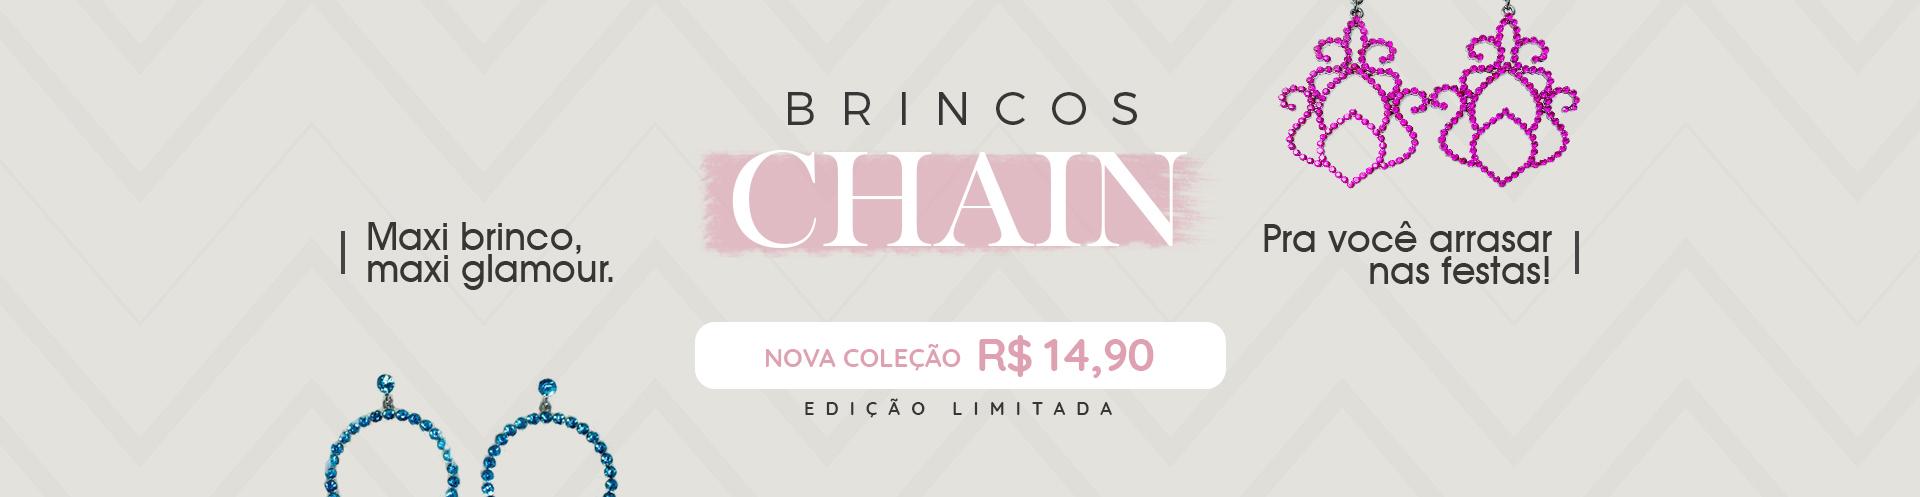 Brincos Chain